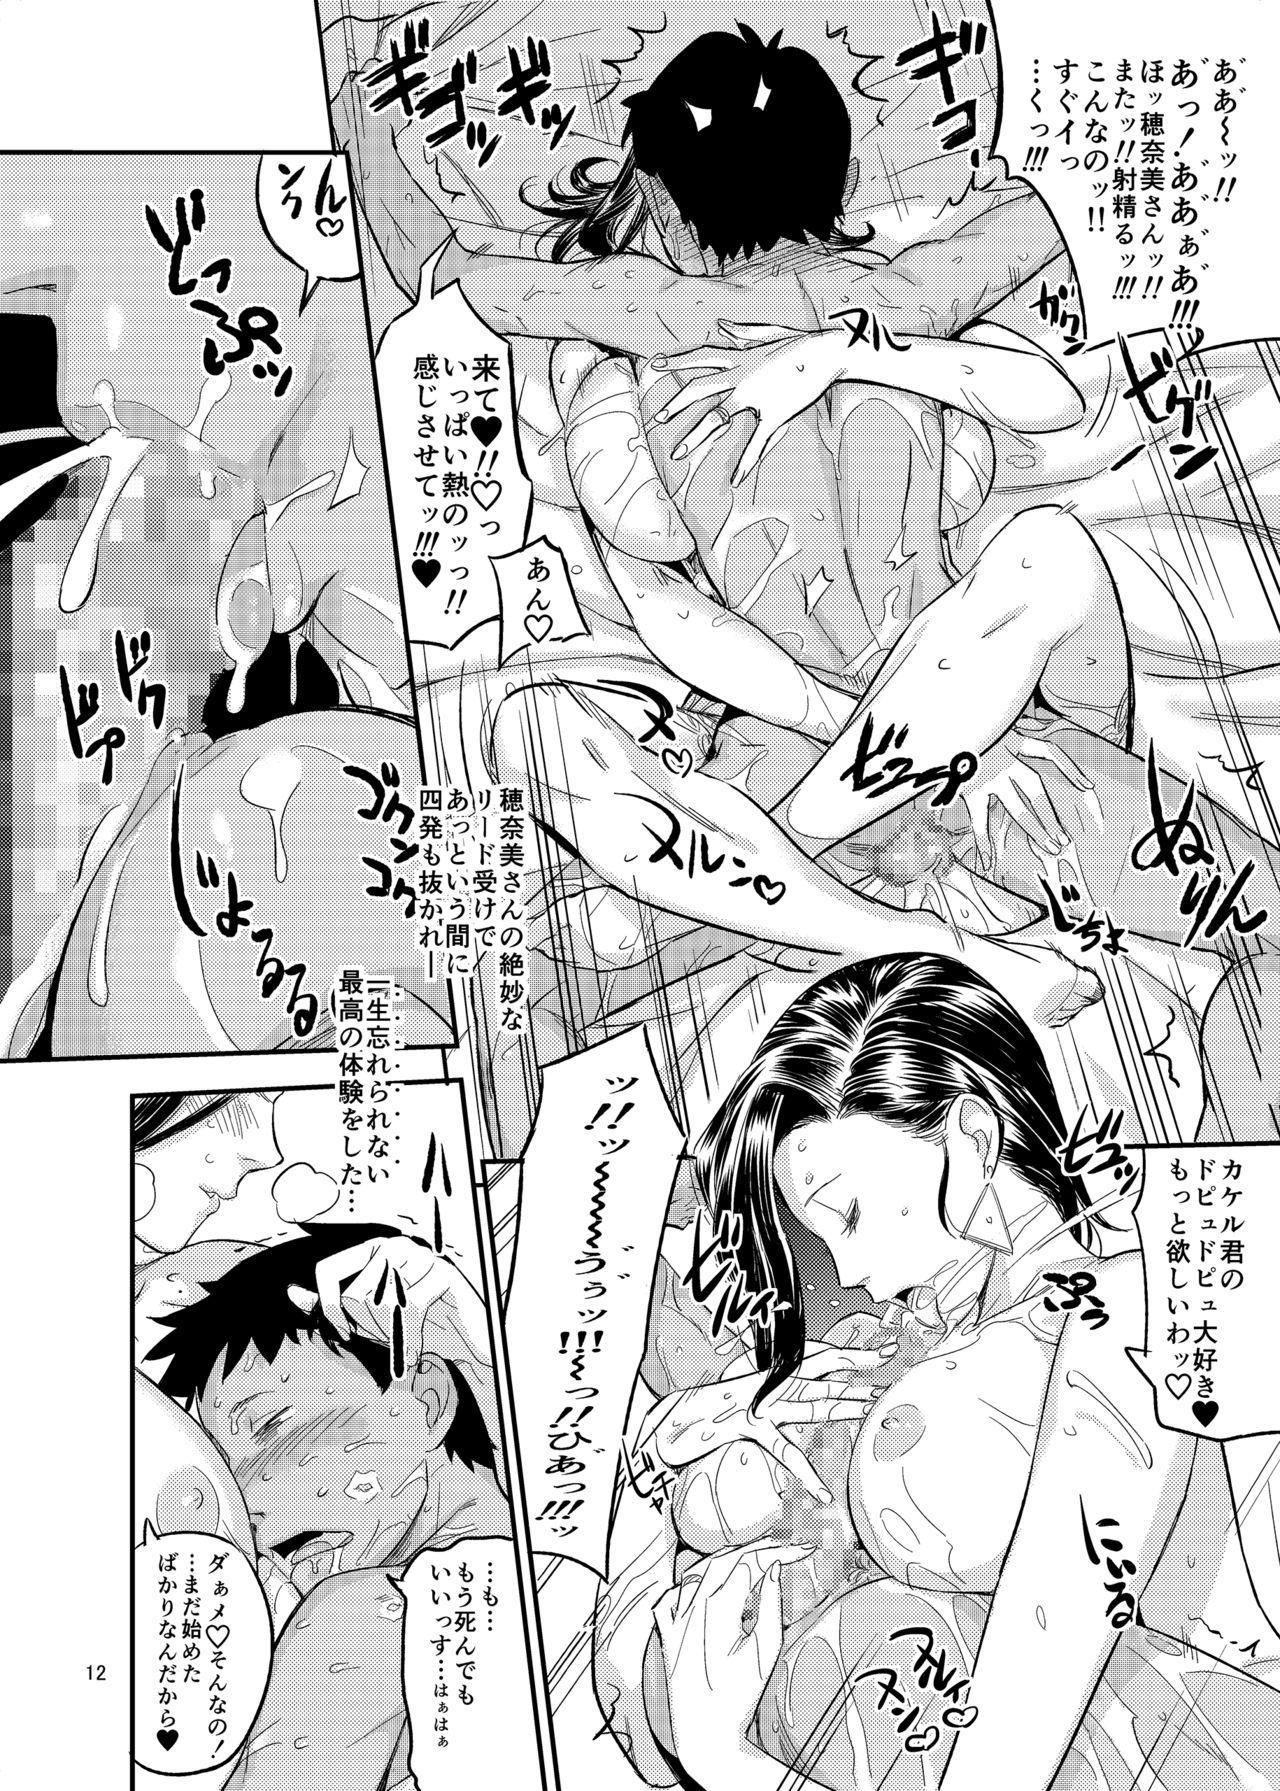 Hikari no Housoku 11